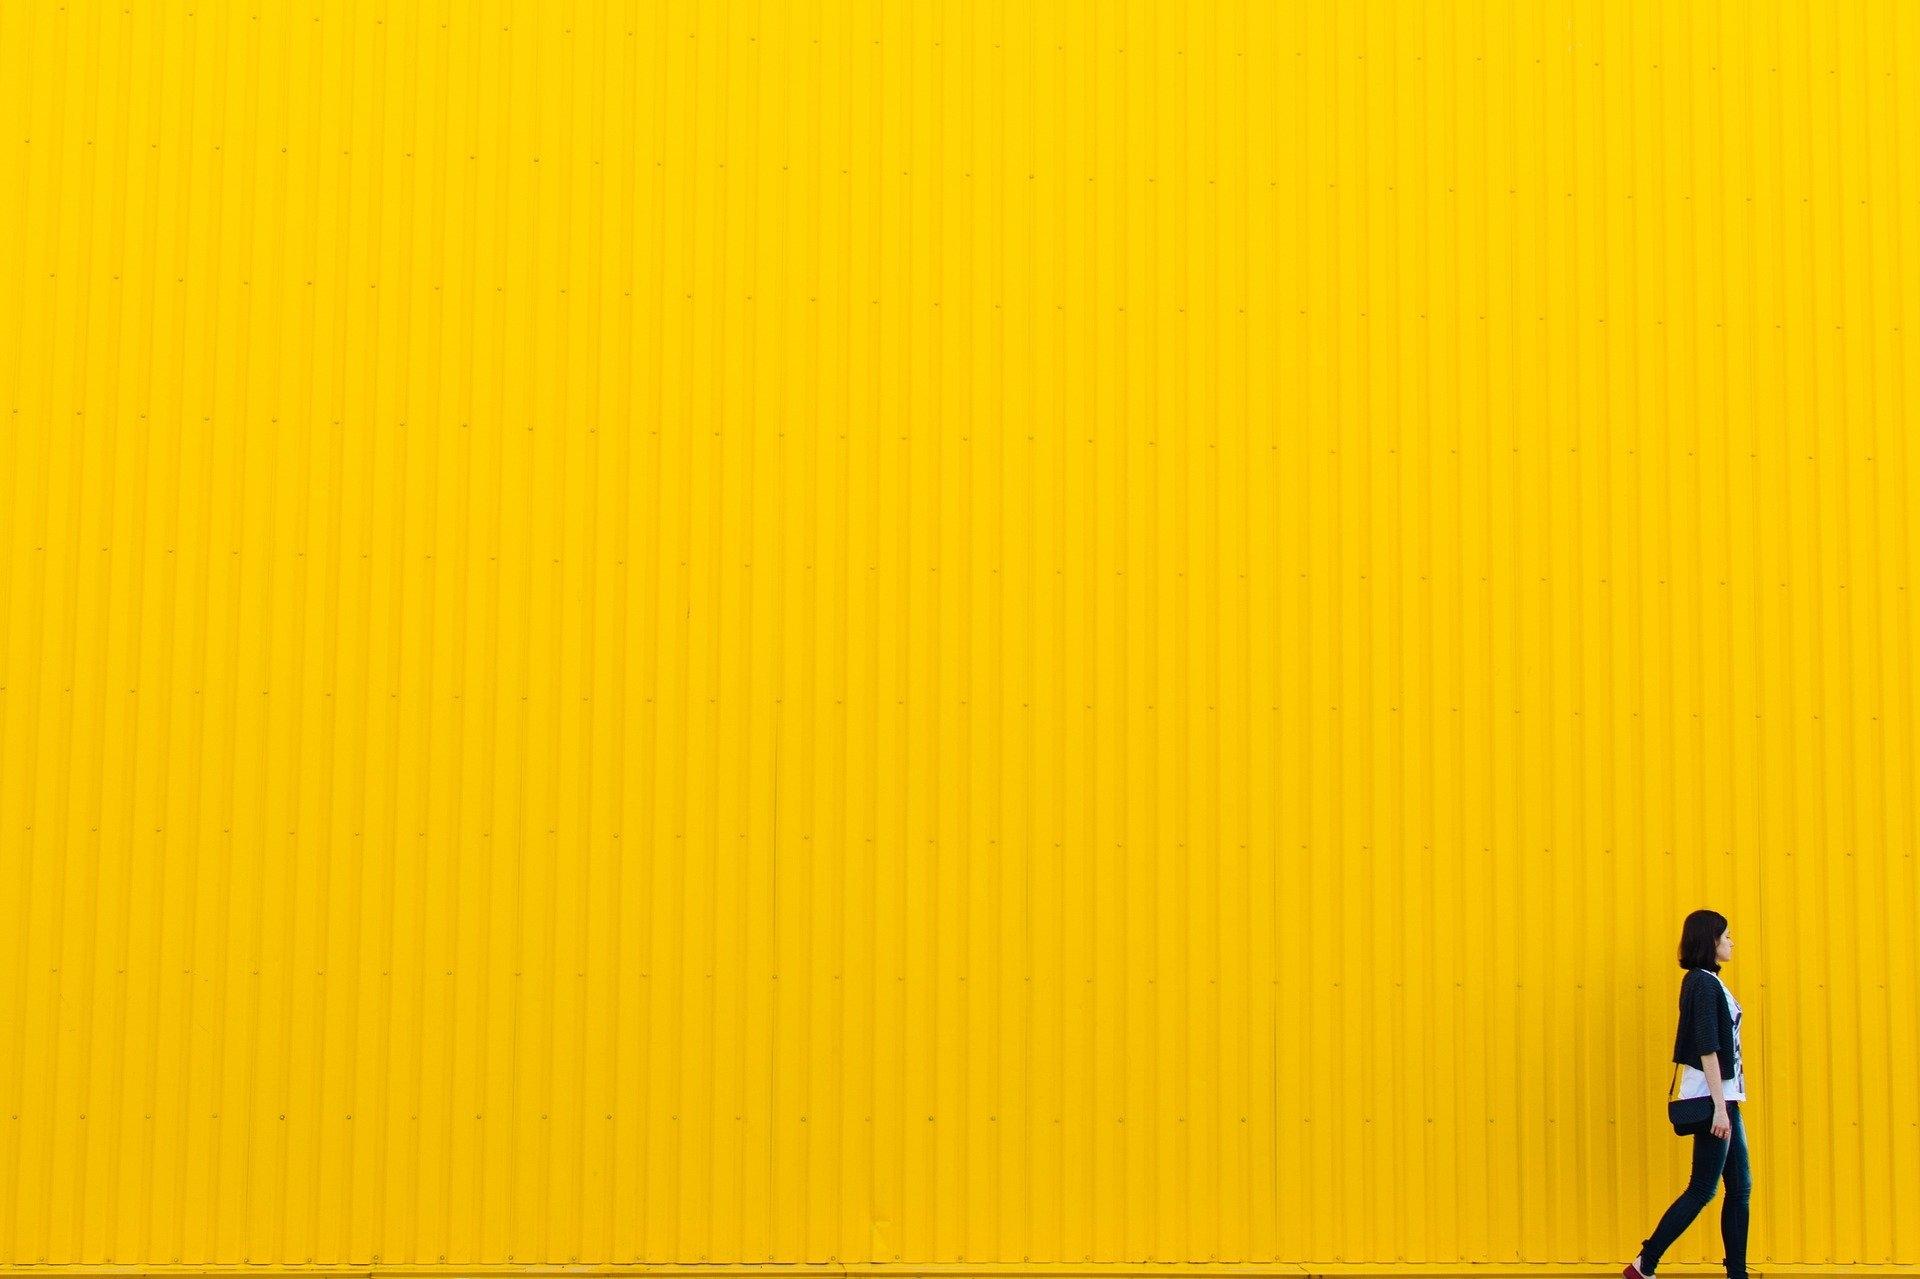 Setembro Amarelo - Prevenção ao suicídio